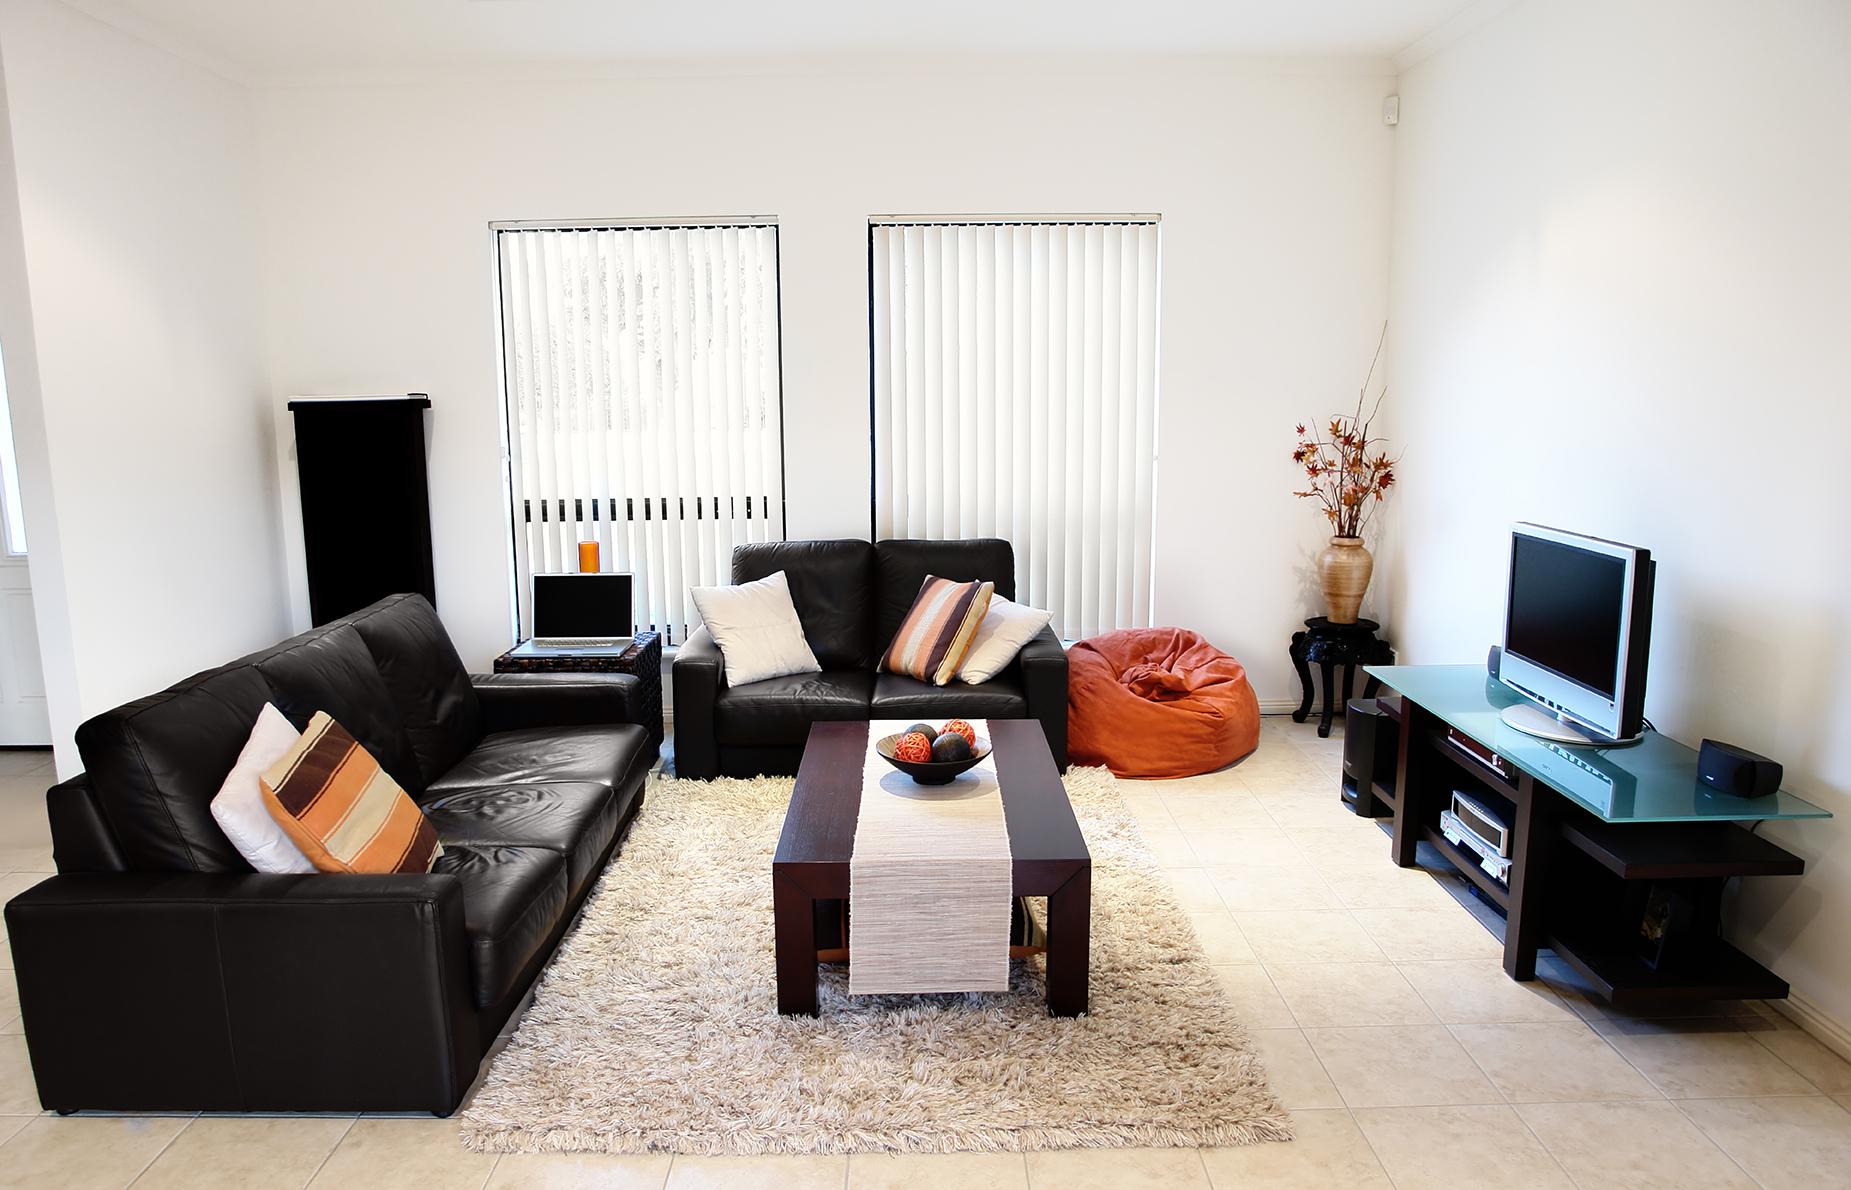 Tende per il soggiorno tende per la casa ultime tendenze - Tende per la casa ultime tendenze ...